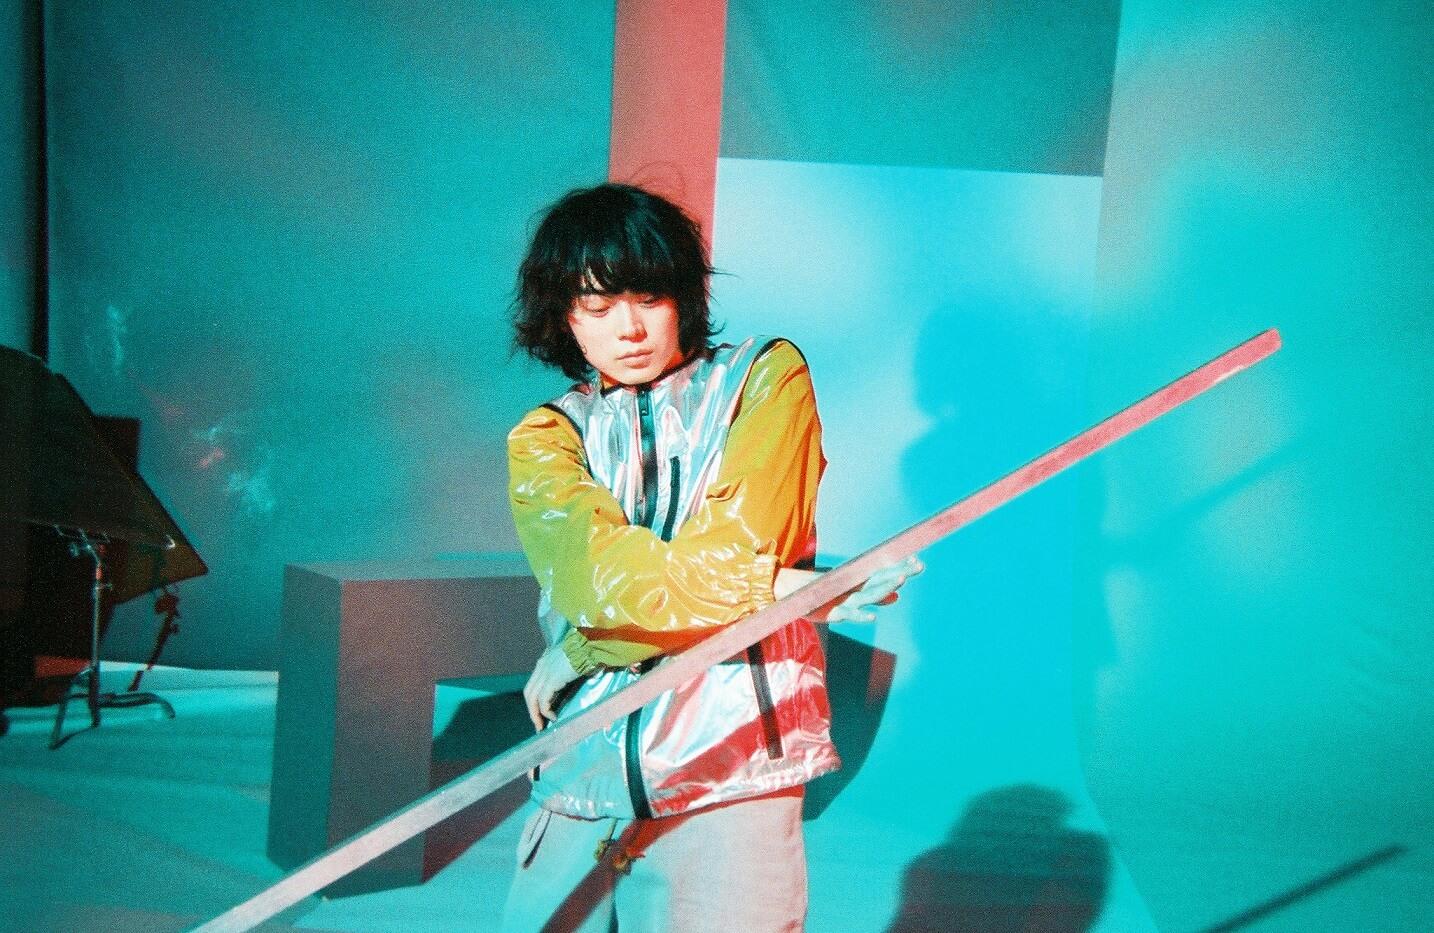 菅田将暉、自身の名前で勝手にアピールされた服に戸惑い「もっと高いからな!」サムネイル画像